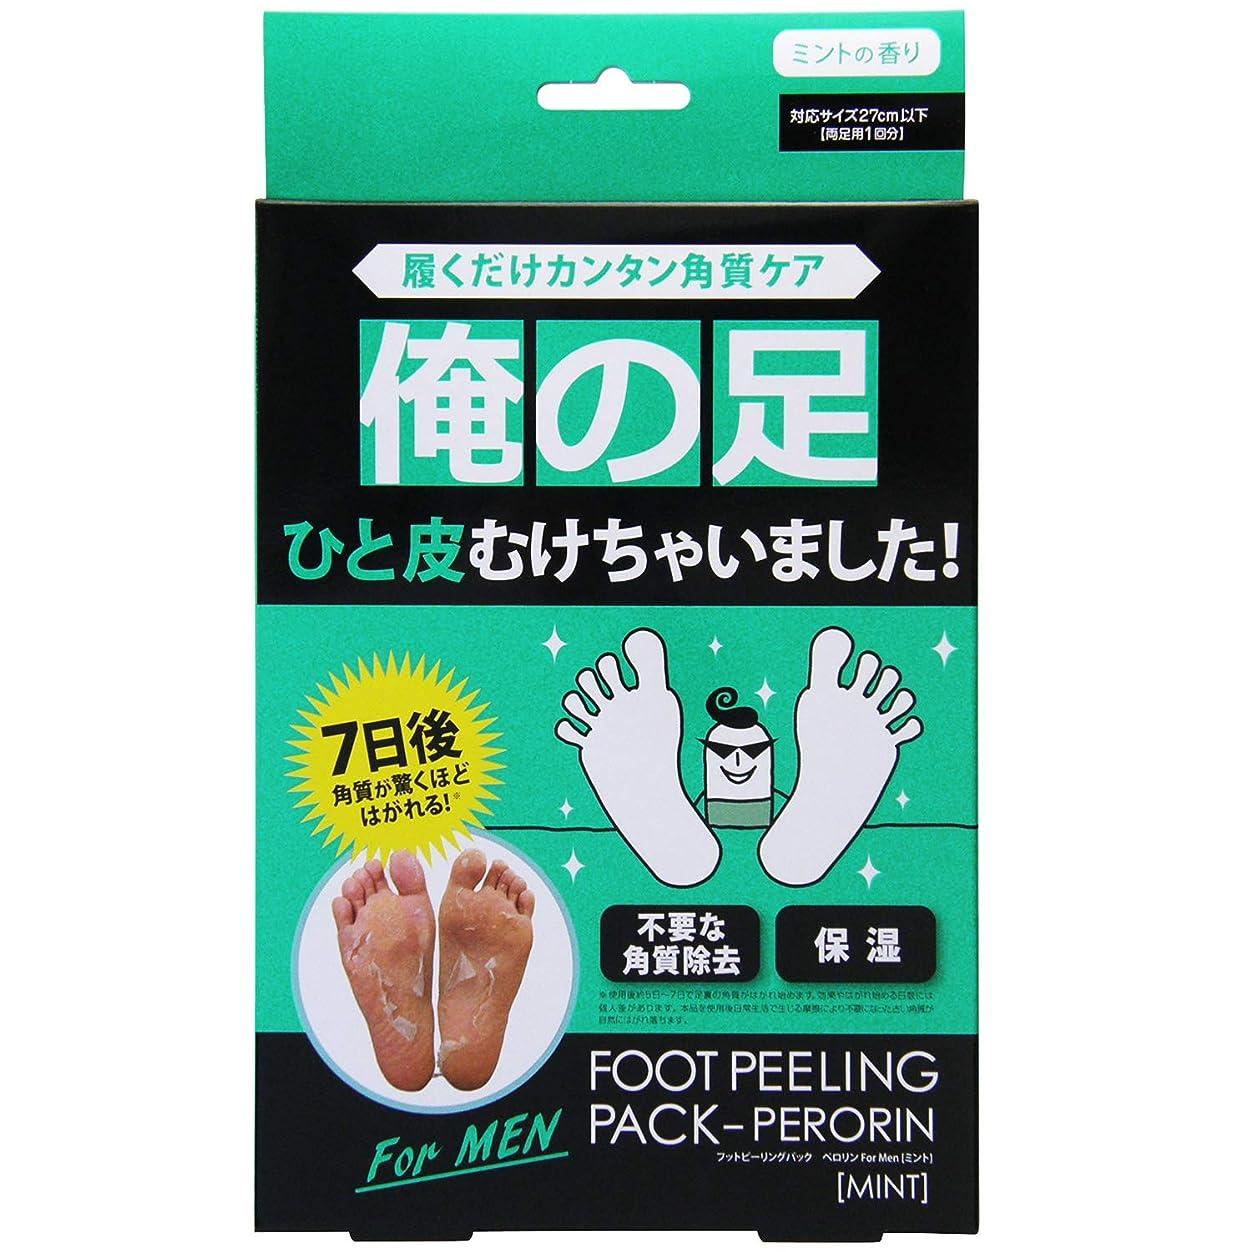 スキャンダラス非公式物理的にフットピーリングパック ペロリン メンズ 1回分 ミントの香り